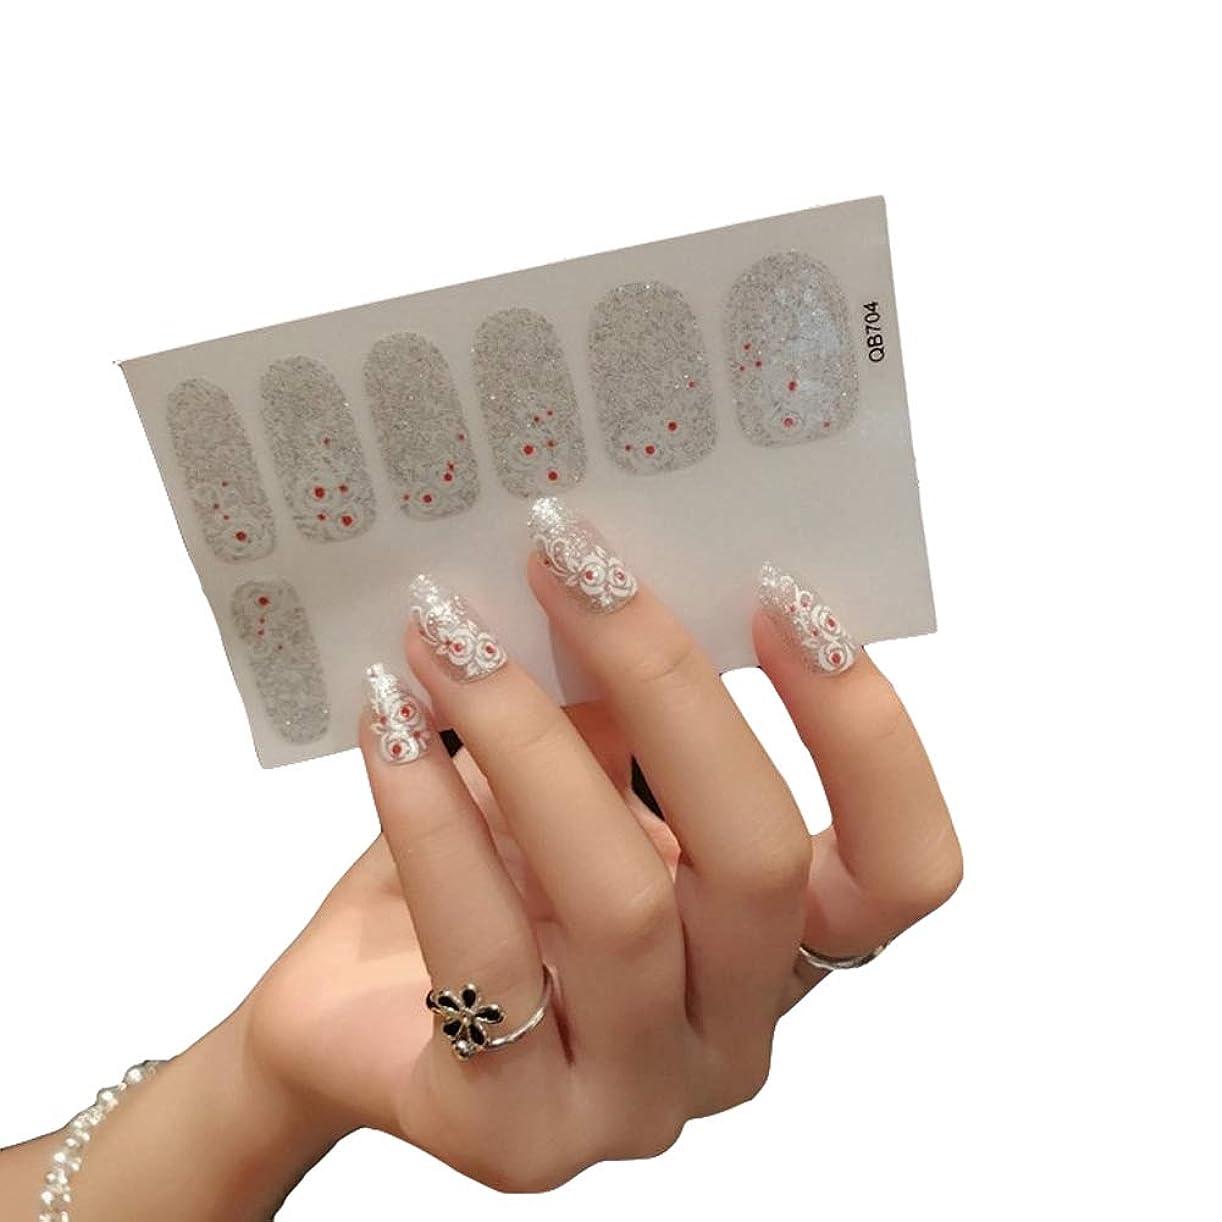 満たす創傷非効率的なネイルシール 貼るだけ 12枚セット ネイルラップ 簡単 貼るだけ ラップネイルシール ネイルアート ラップシール アクセサリー おしゃれな (QB704)